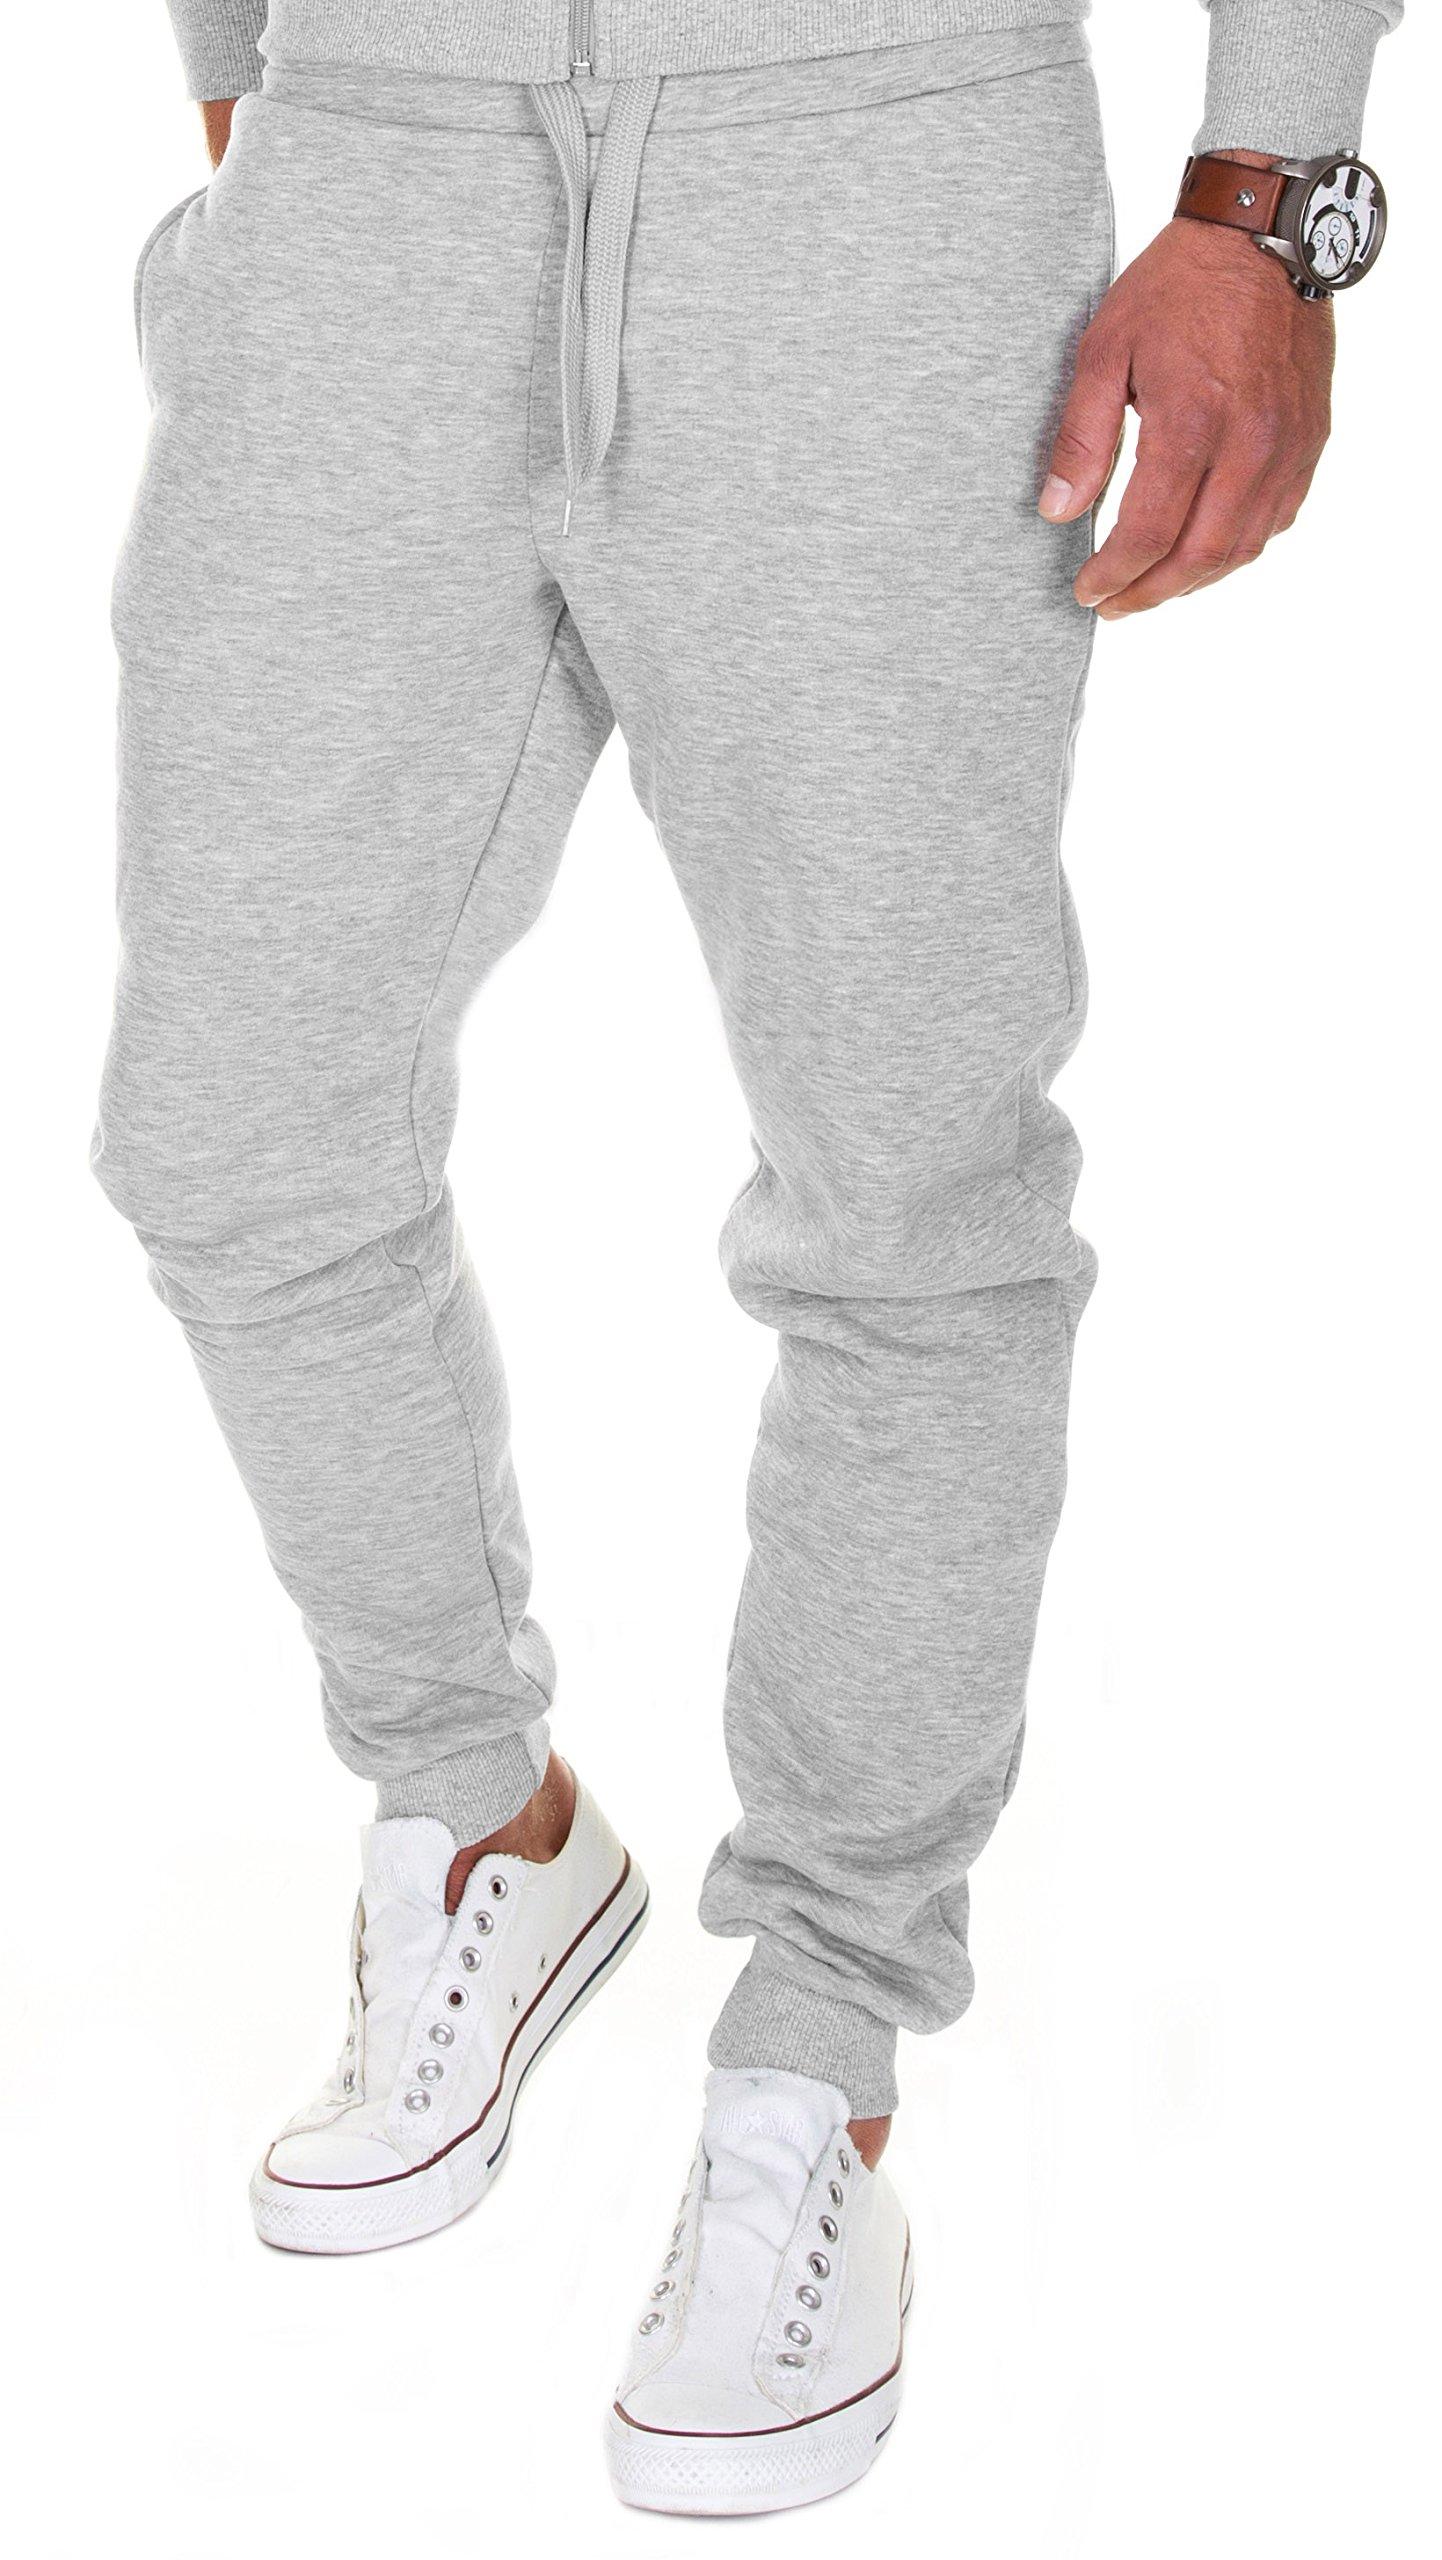 Merish Jogging Hommes Pantalon de Sport Jogger Homme Survêtement Coton Slim  Fit 211 product image b9c674a5855